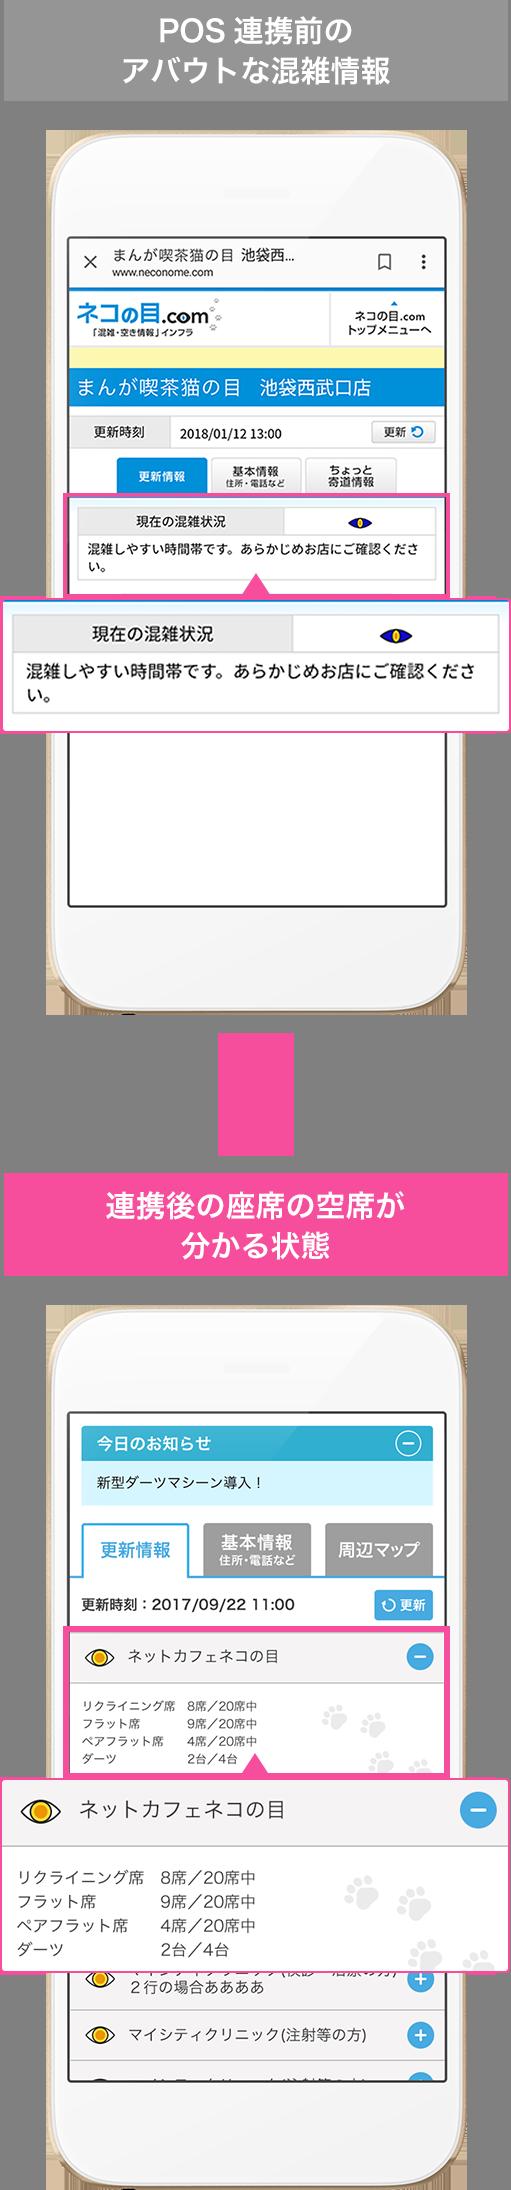 [画面イメージ図]POS連携前のアバウトな混雑情報 連携後の座席の空席が分かる状態